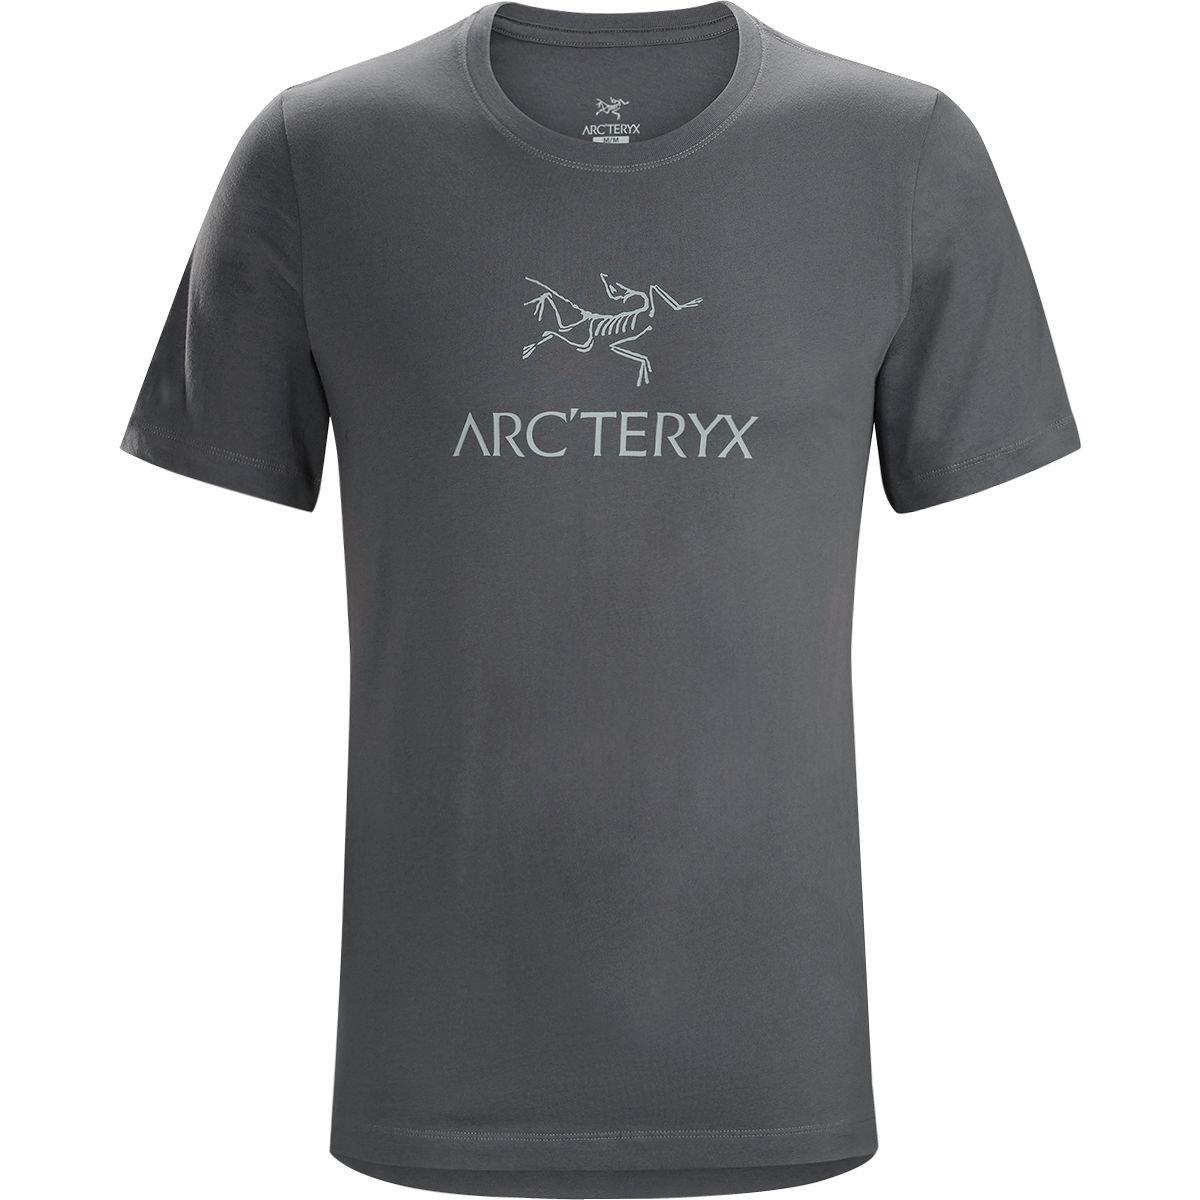 Arc ' teryx Arc 'word Tシャツ – メンズ B073TL58QW XX-Large|Pilot Pilot XX-Large